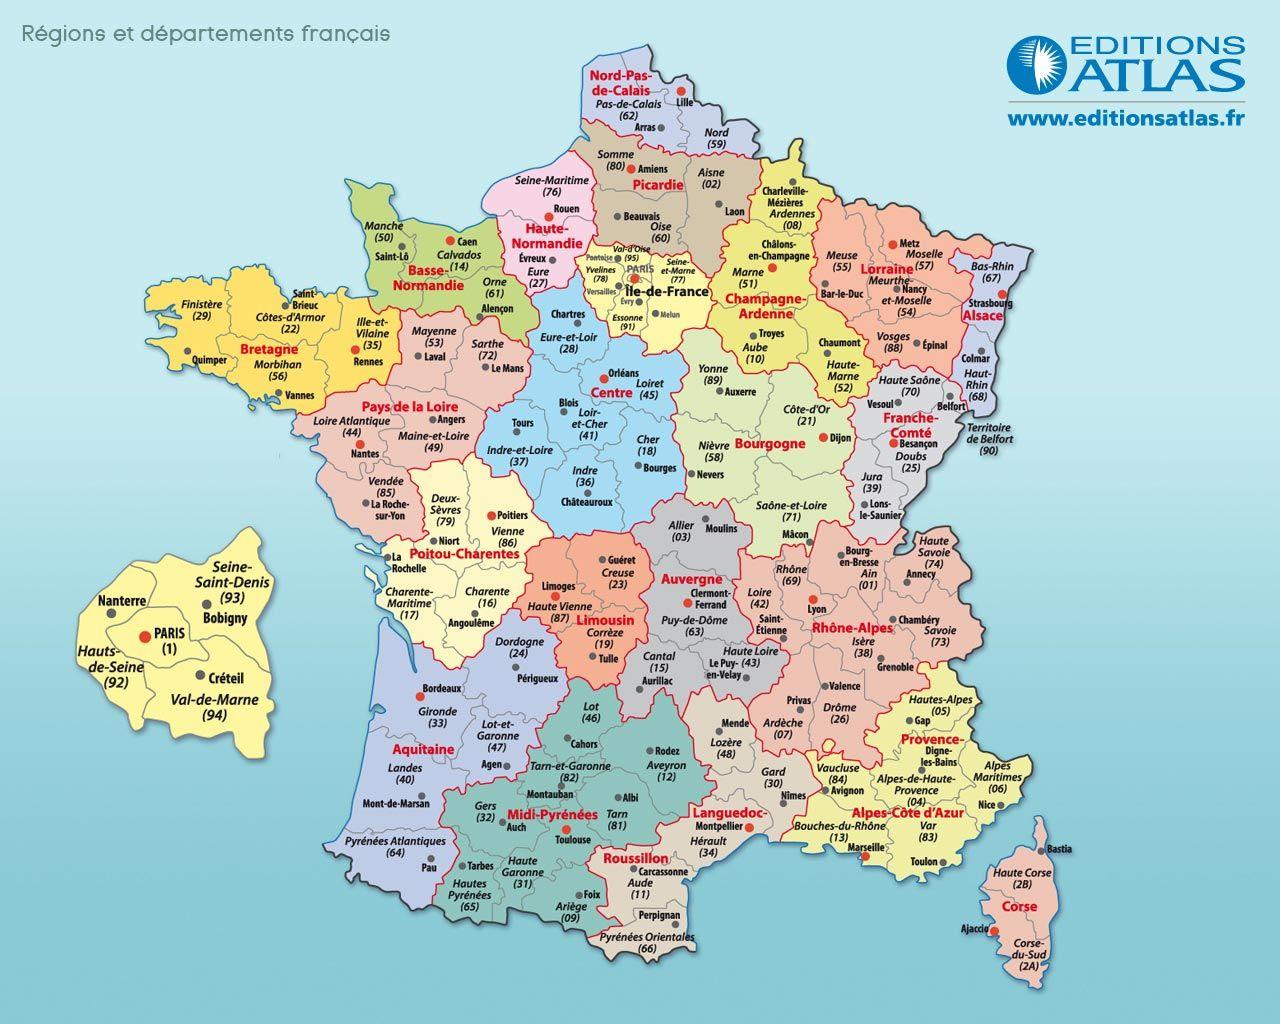 Carte De France Régions Et Départements Français | Carte De destiné Carte De France Par Régions Et Départements